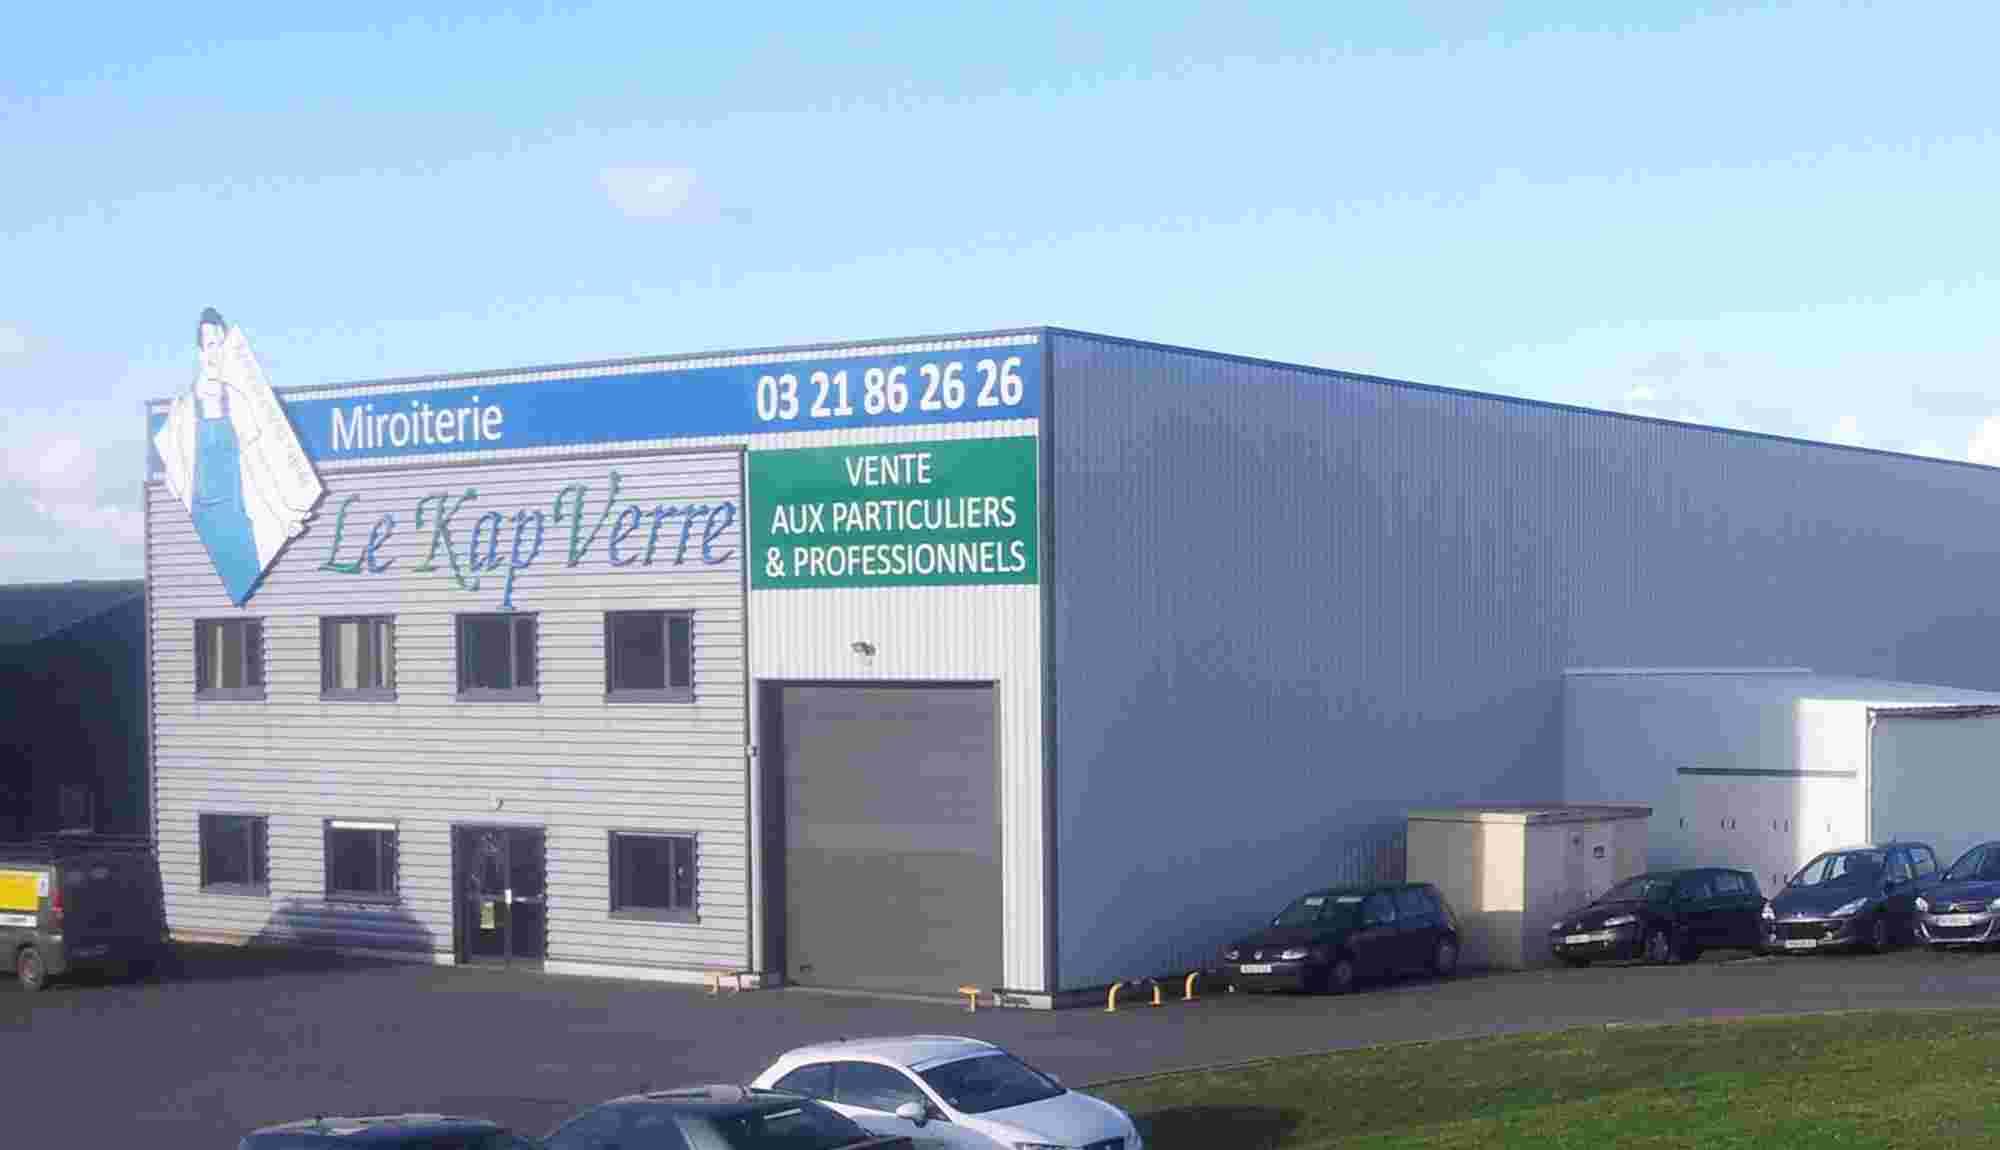 Nealtis, actionnaire unique d'Averia, Oveli et Comaltis, ouvre son capital à Cevino Glass